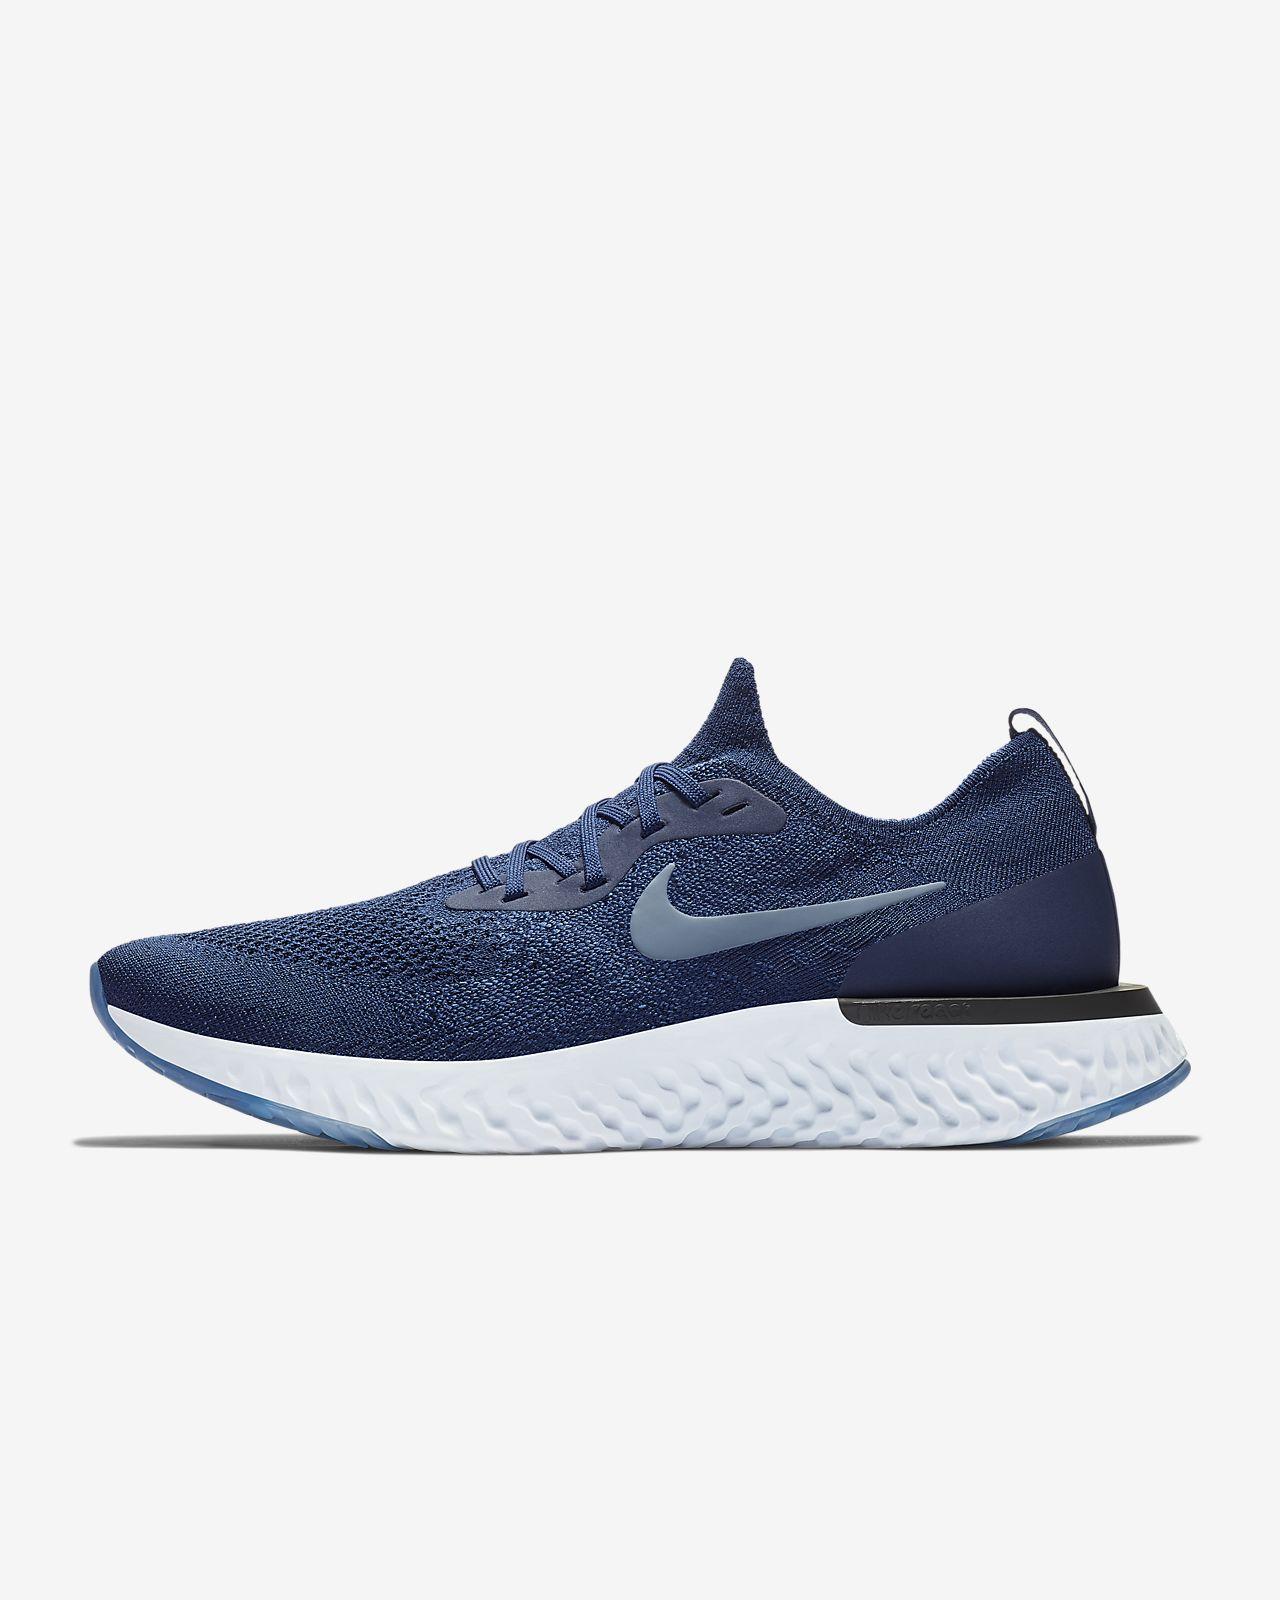 8e8808e27907 Nike Epic React Flyknit 1 Men s Running Shoe. Nike.com